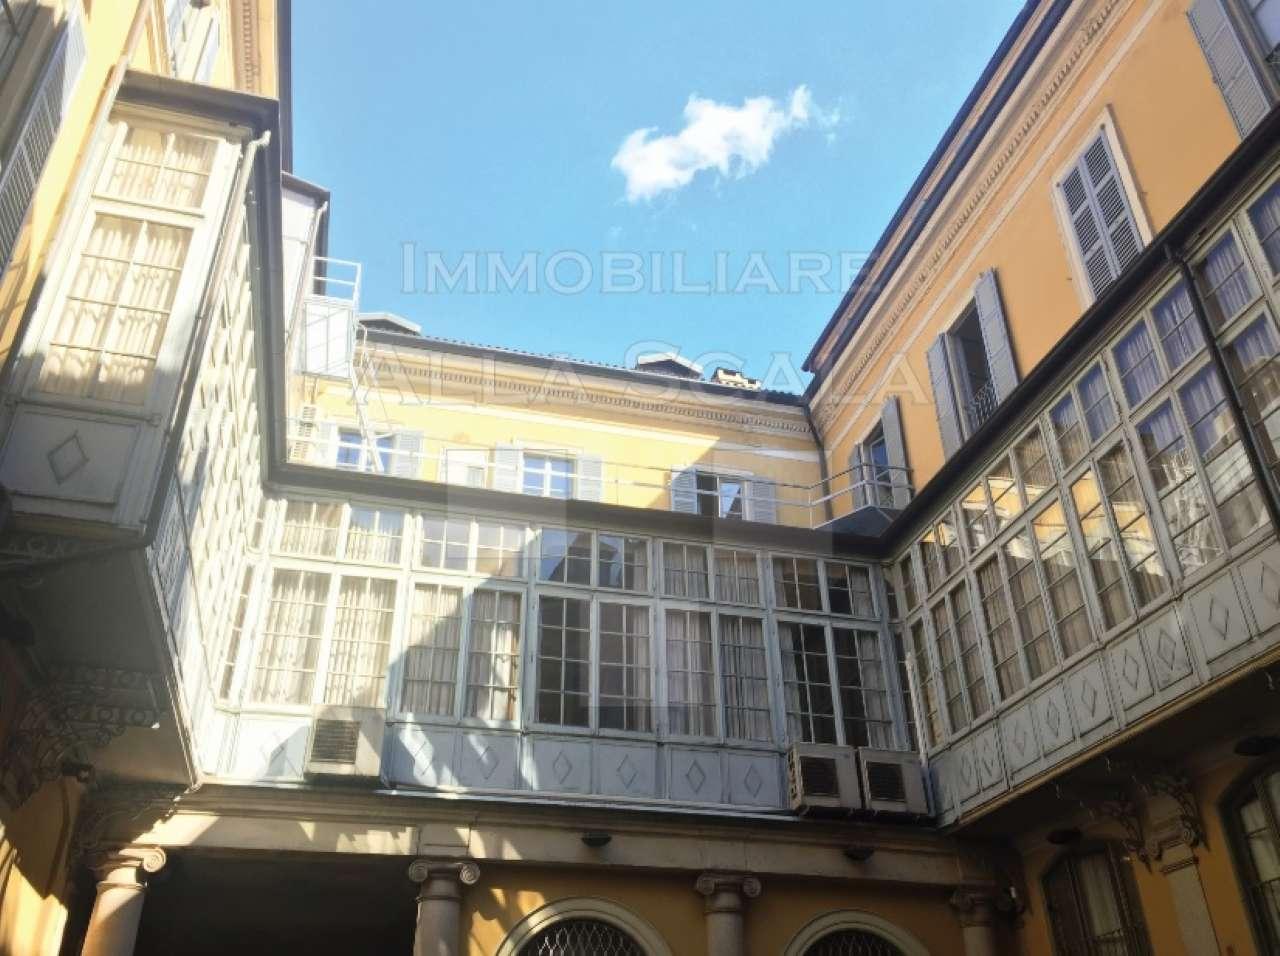 Attico in Affitto a Milano 01 Centro storico (Cerchia dei Navigli): 4 locali, 130 mq